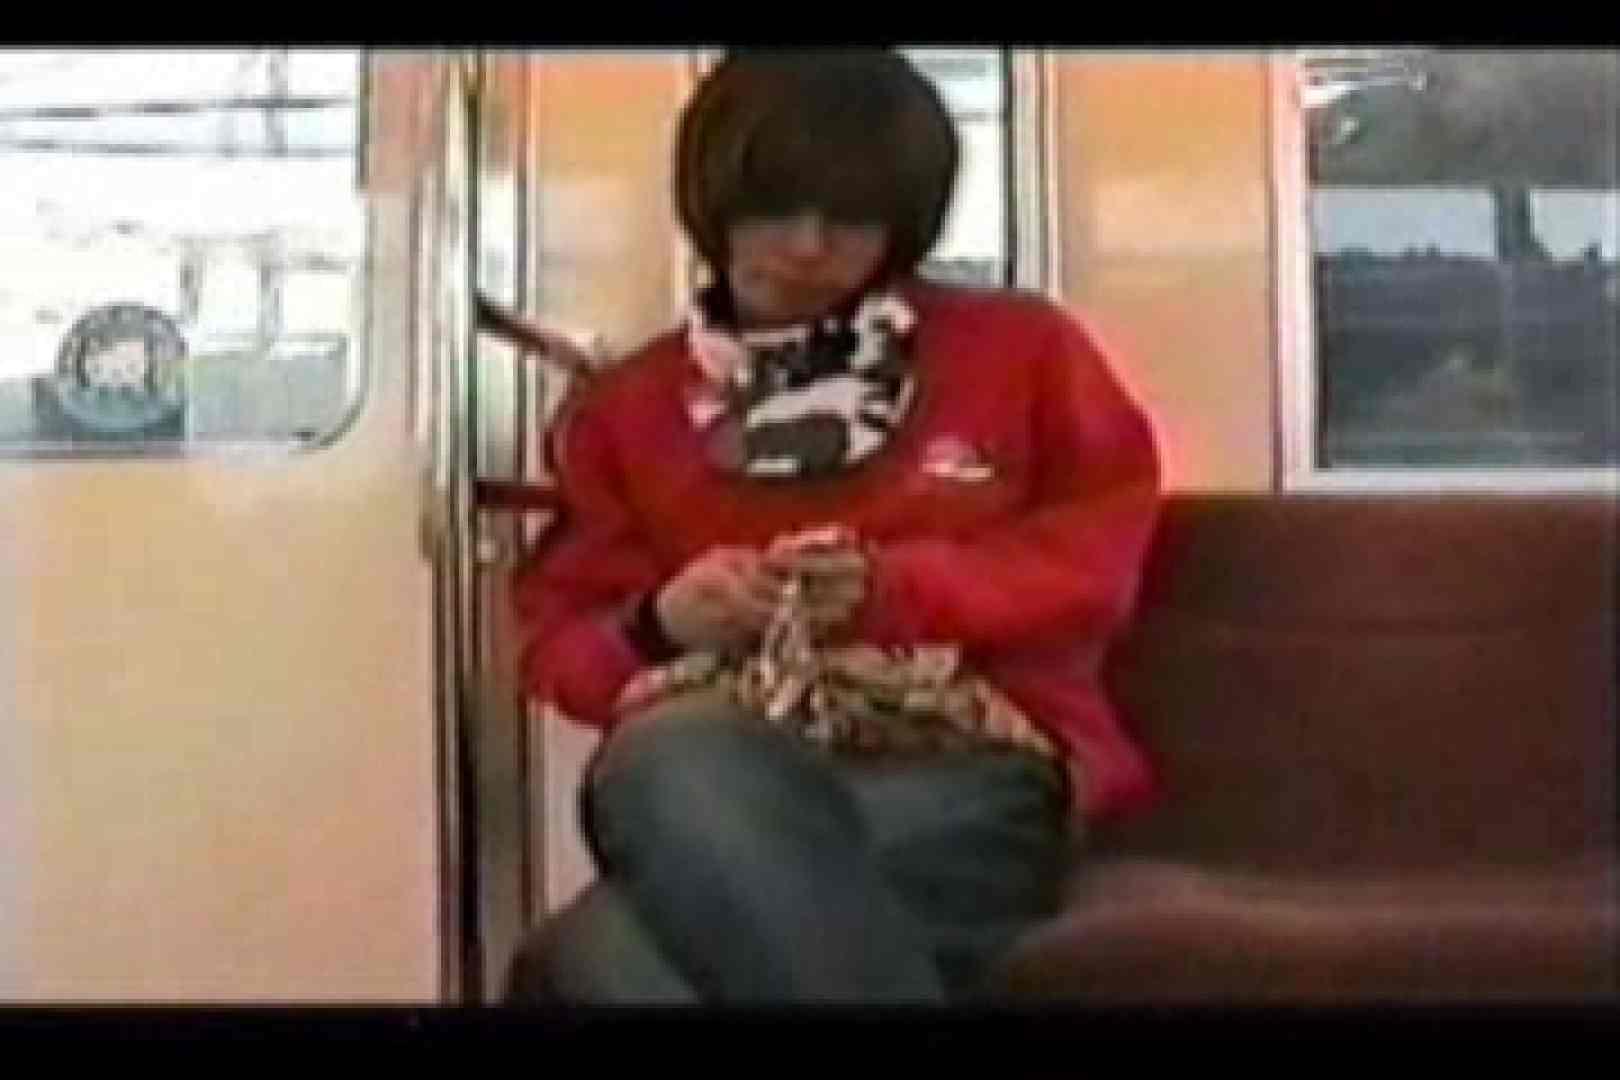 オールドゲイシリーズ  美少年ひかるのオープンファック 手コキ ゲイAV画像 46pic 2